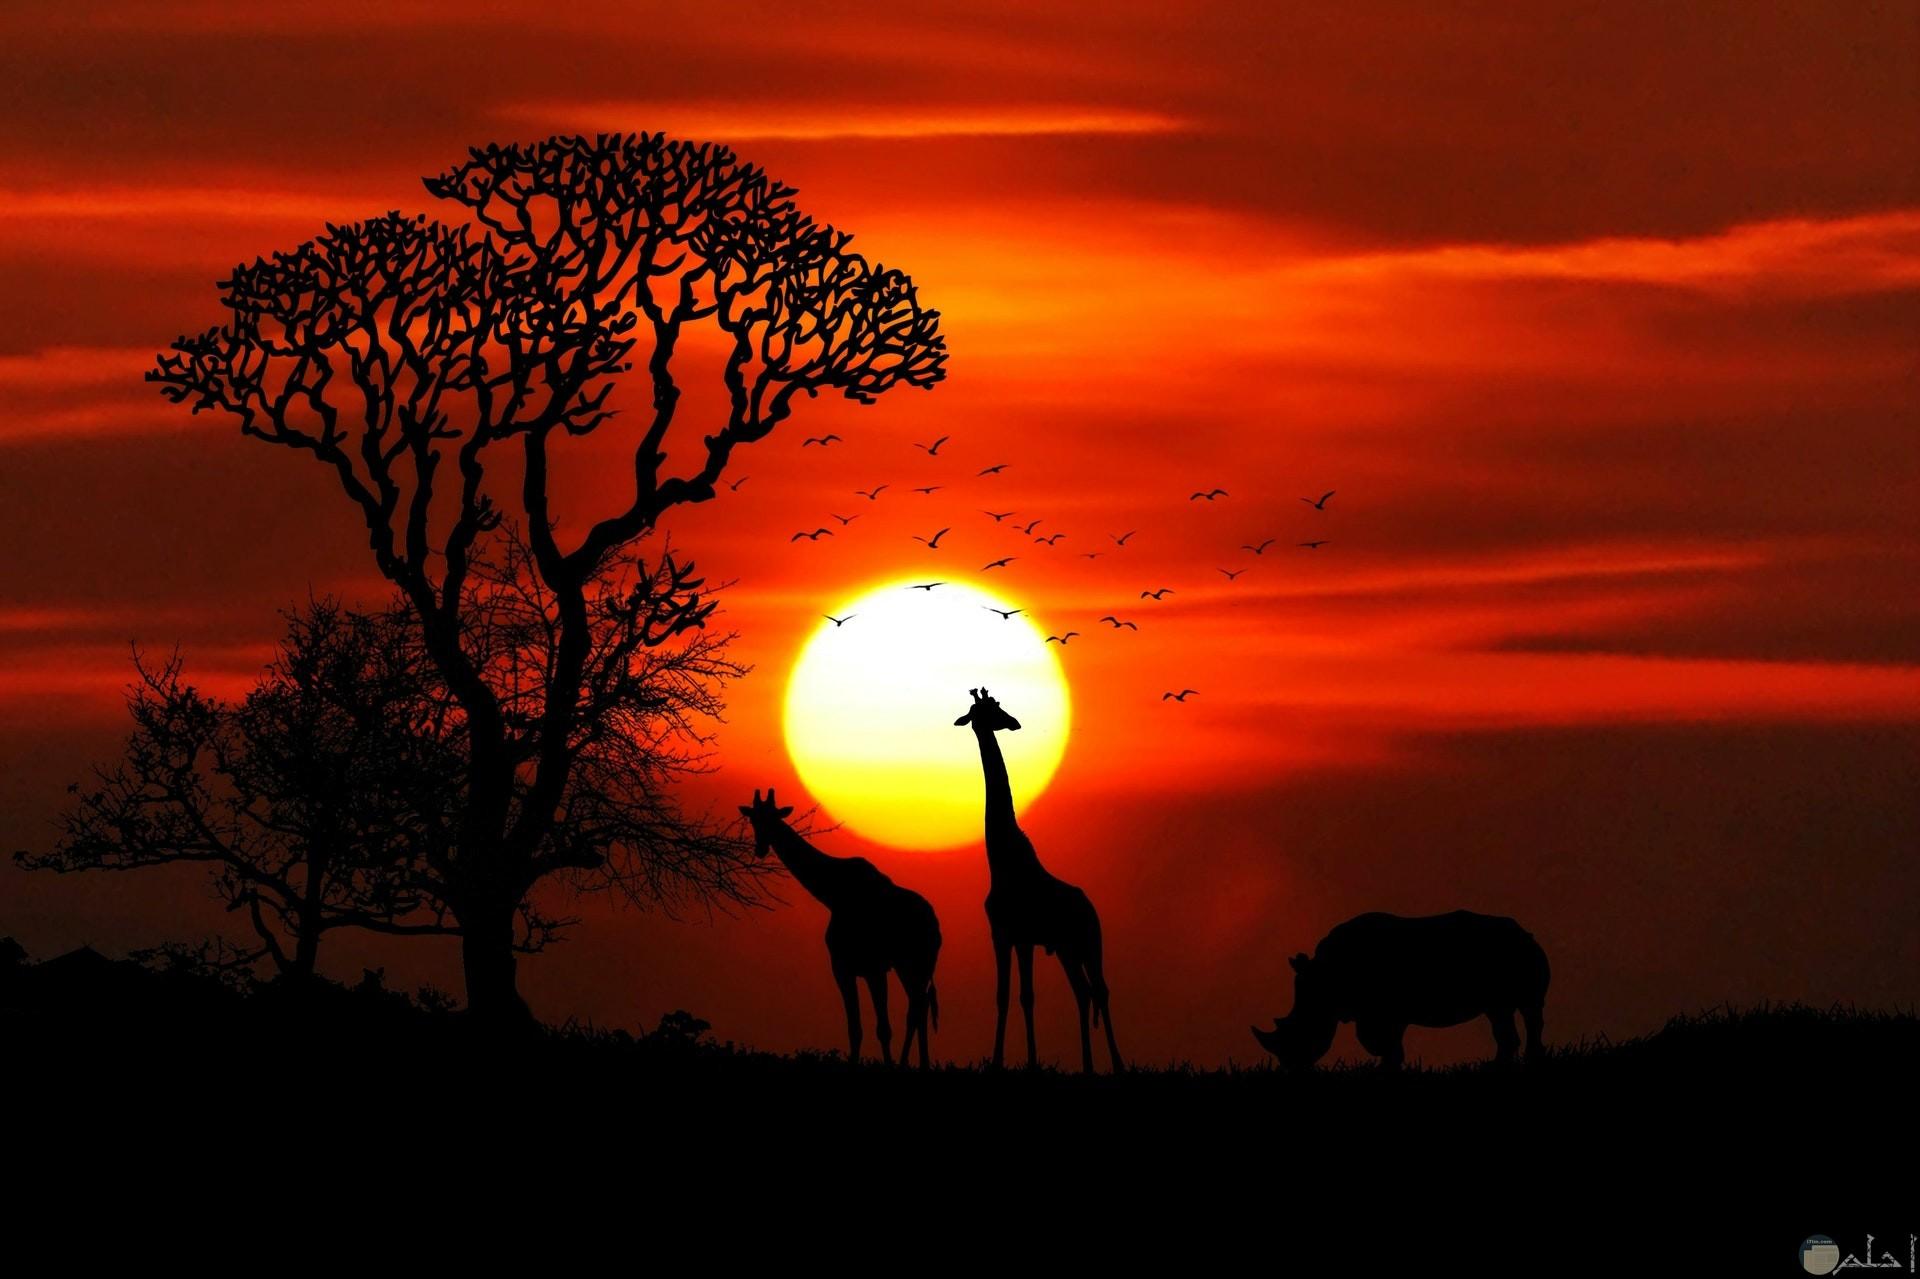 صورة مميزة وجميلة للطبيعة وقت الغروب ووجود حيوانات الغابة